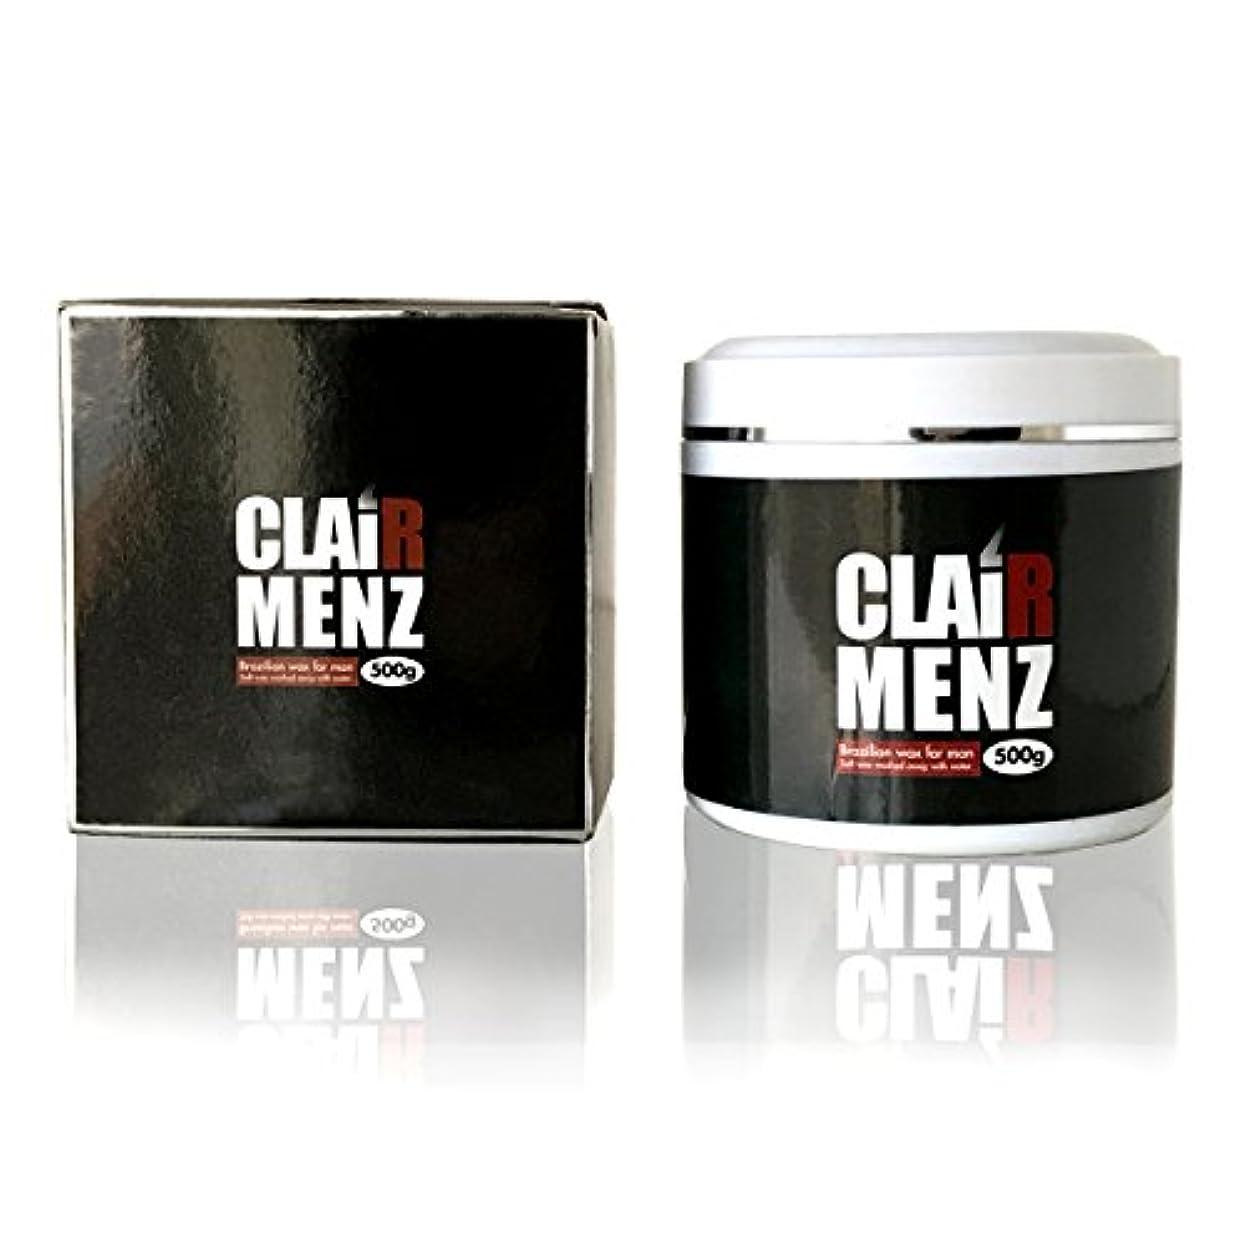 合意ホーン中央ブラジリアンワックス メンズ専用 clair Menz wax 500g(単品) メンズ脱毛専用ラベル 無添加ワックス 脱毛ワックス